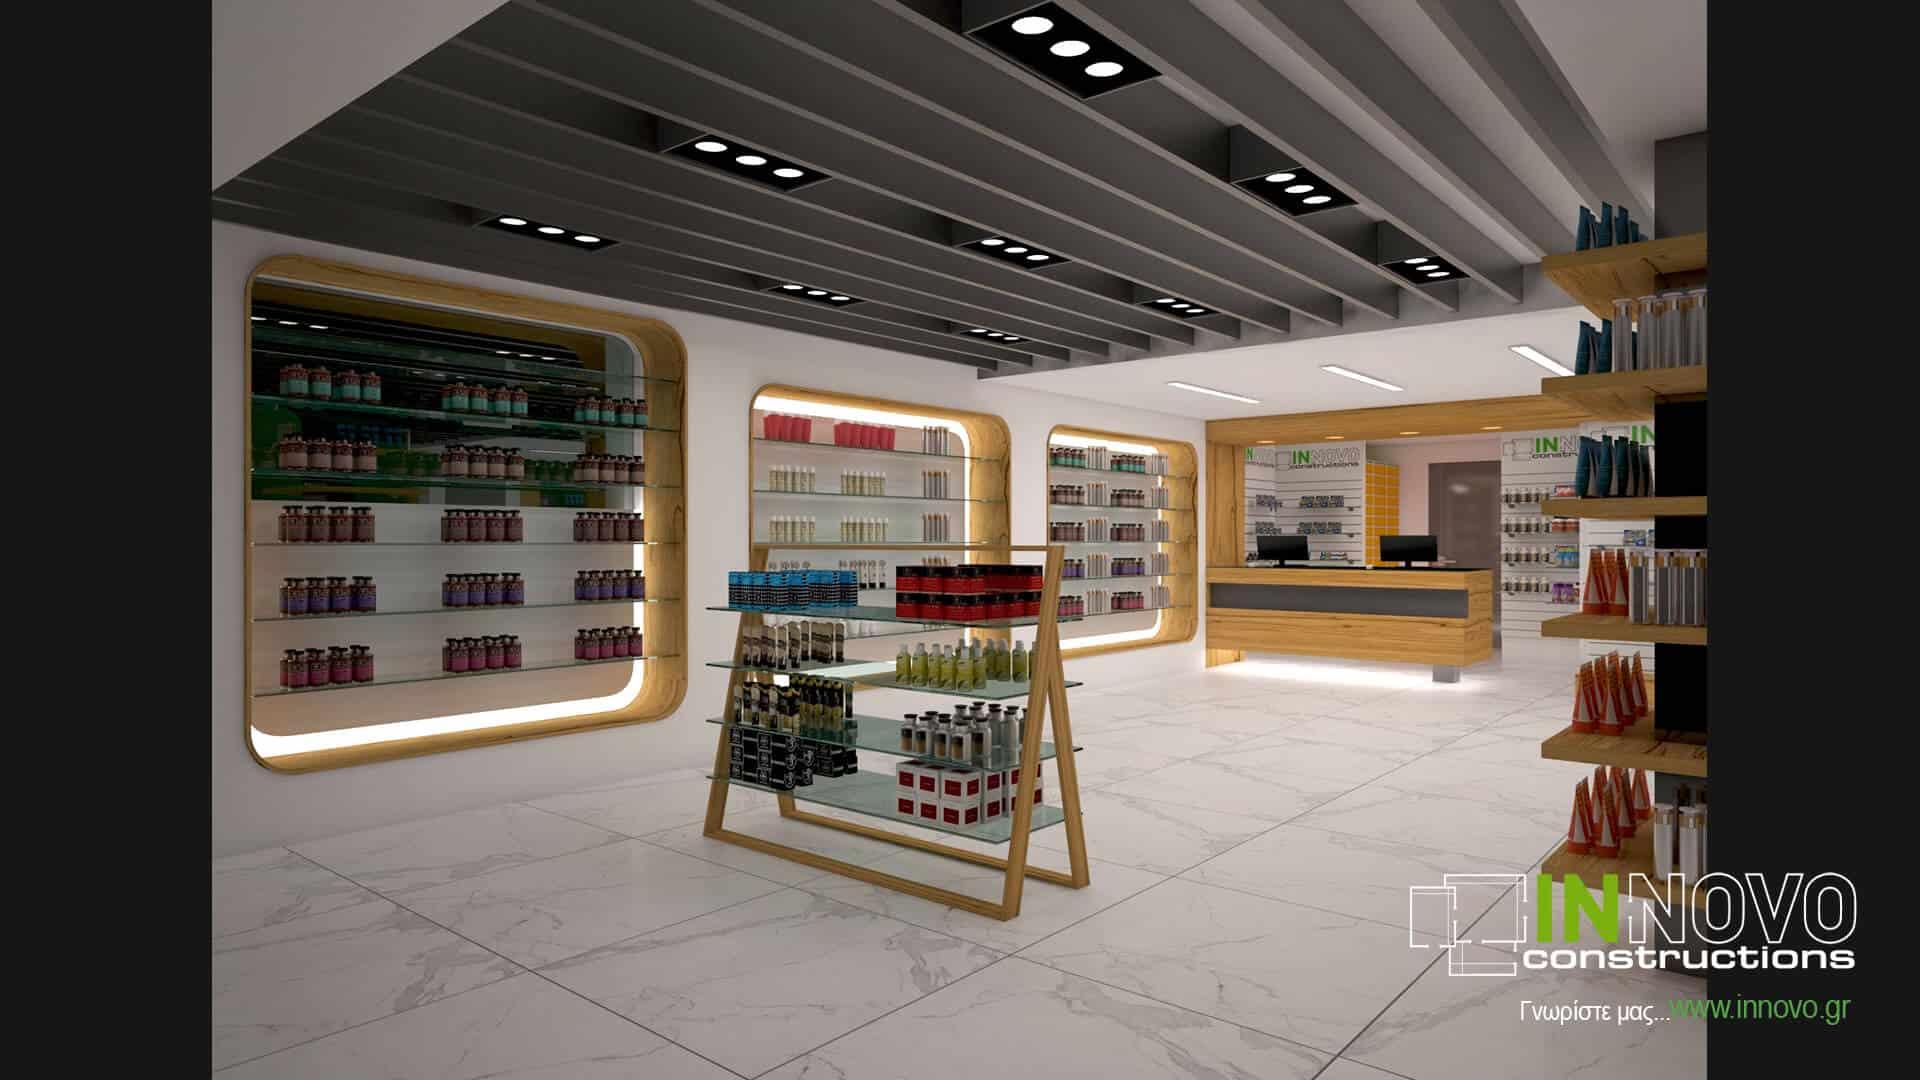 Κατασκευή σχεδιασμός φαρμακείου στον Άγιο Δημήτριο από την Innovo